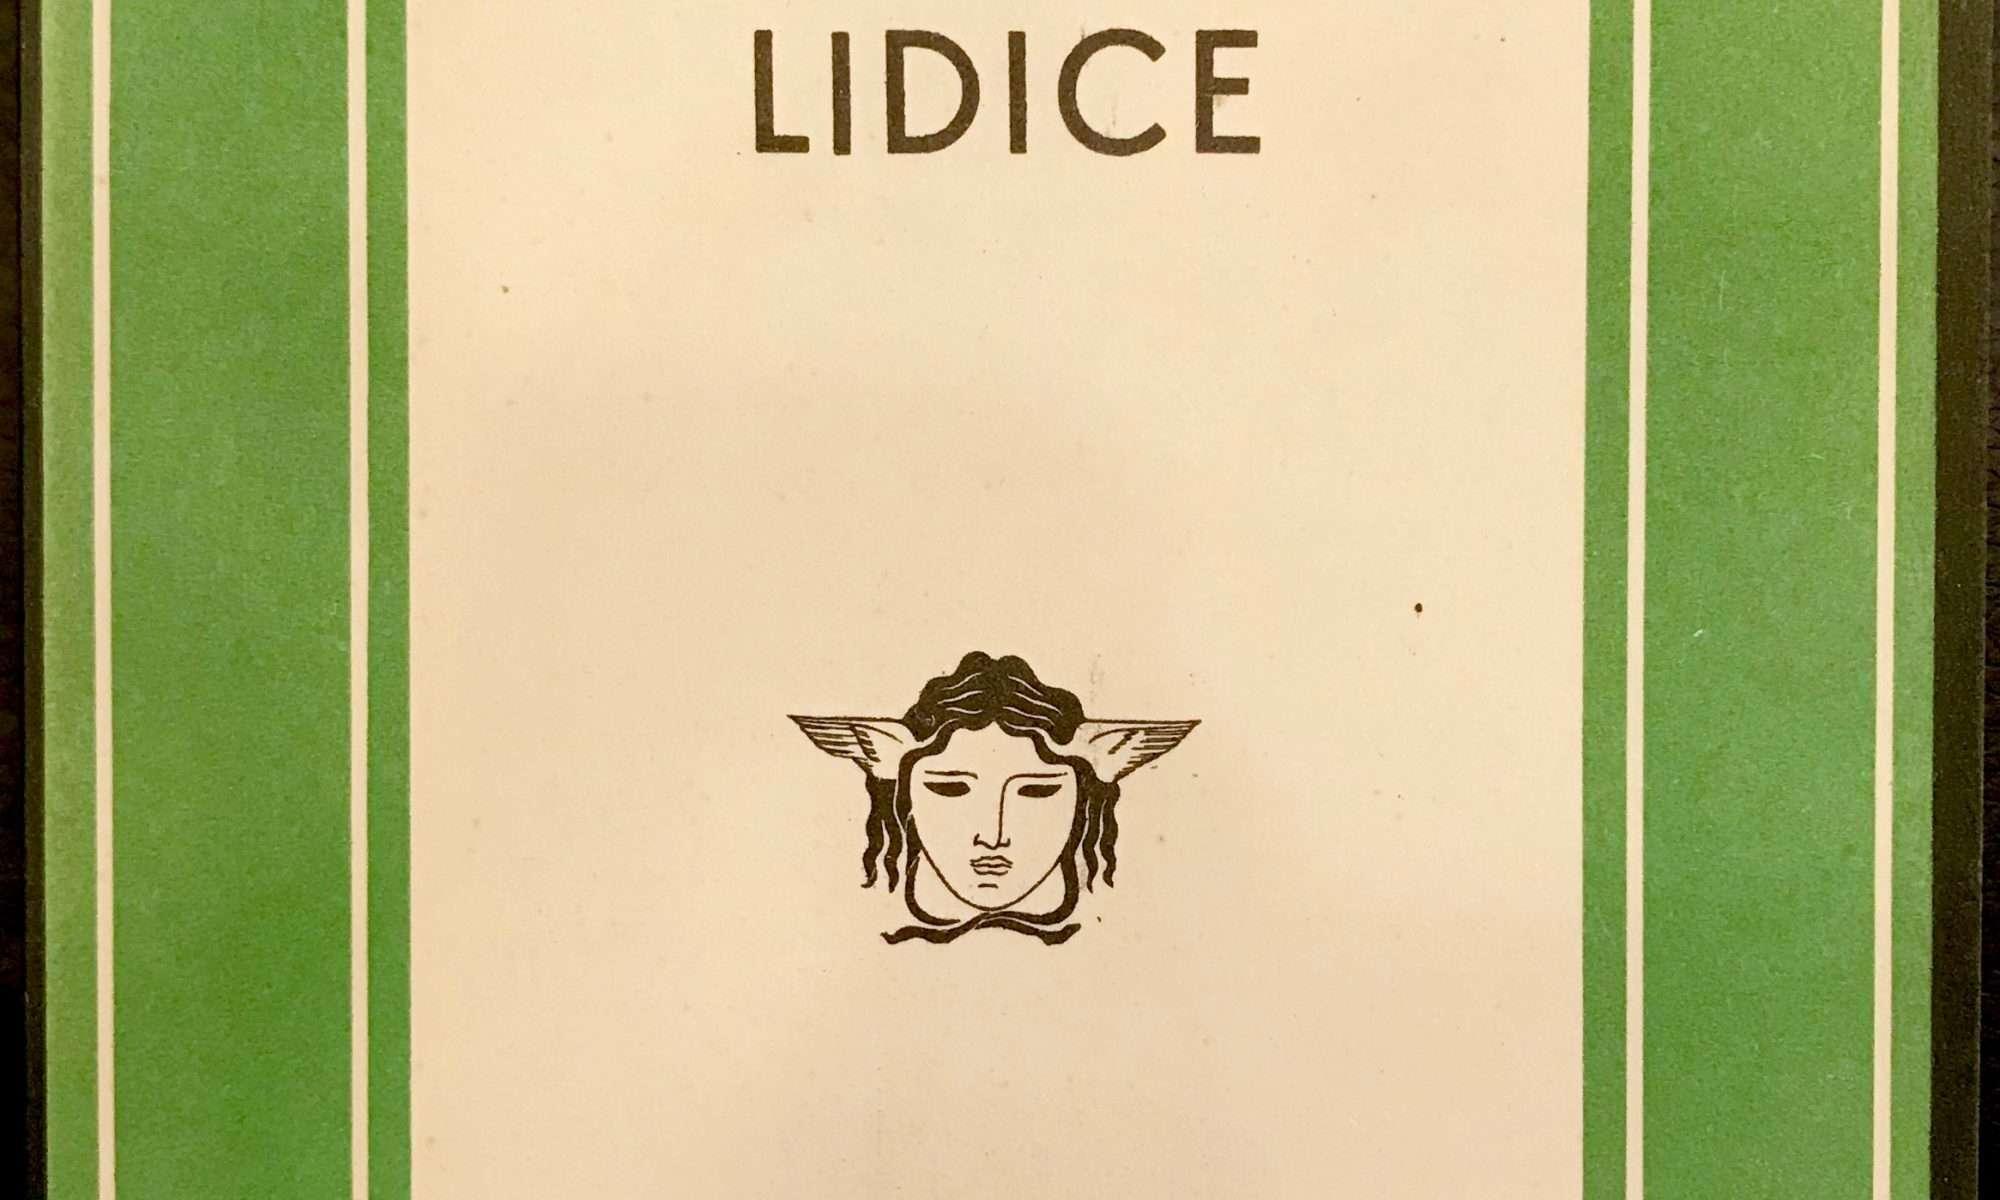 LIDICE <BR/> Heinrich Mann